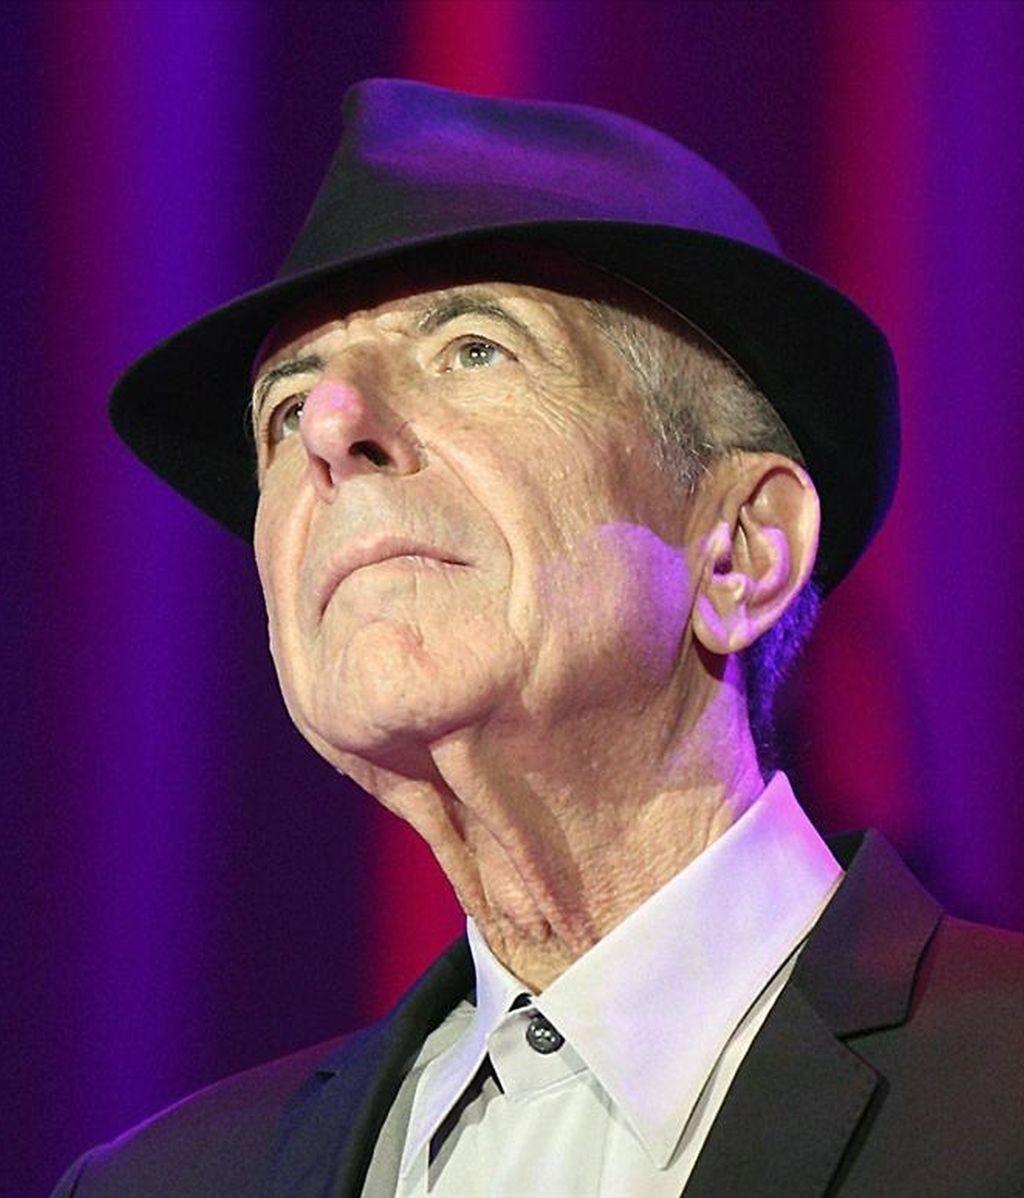 Fotografía de archivo, del 21 de septiembre de 2009, del poeta y cantautor canadiense Leonard Cohen, que ha ganado hoy el Premio Príncipe de Asturias de las Letras de 2011, según ha decidido el jurado reunido en Oviedo. EFE